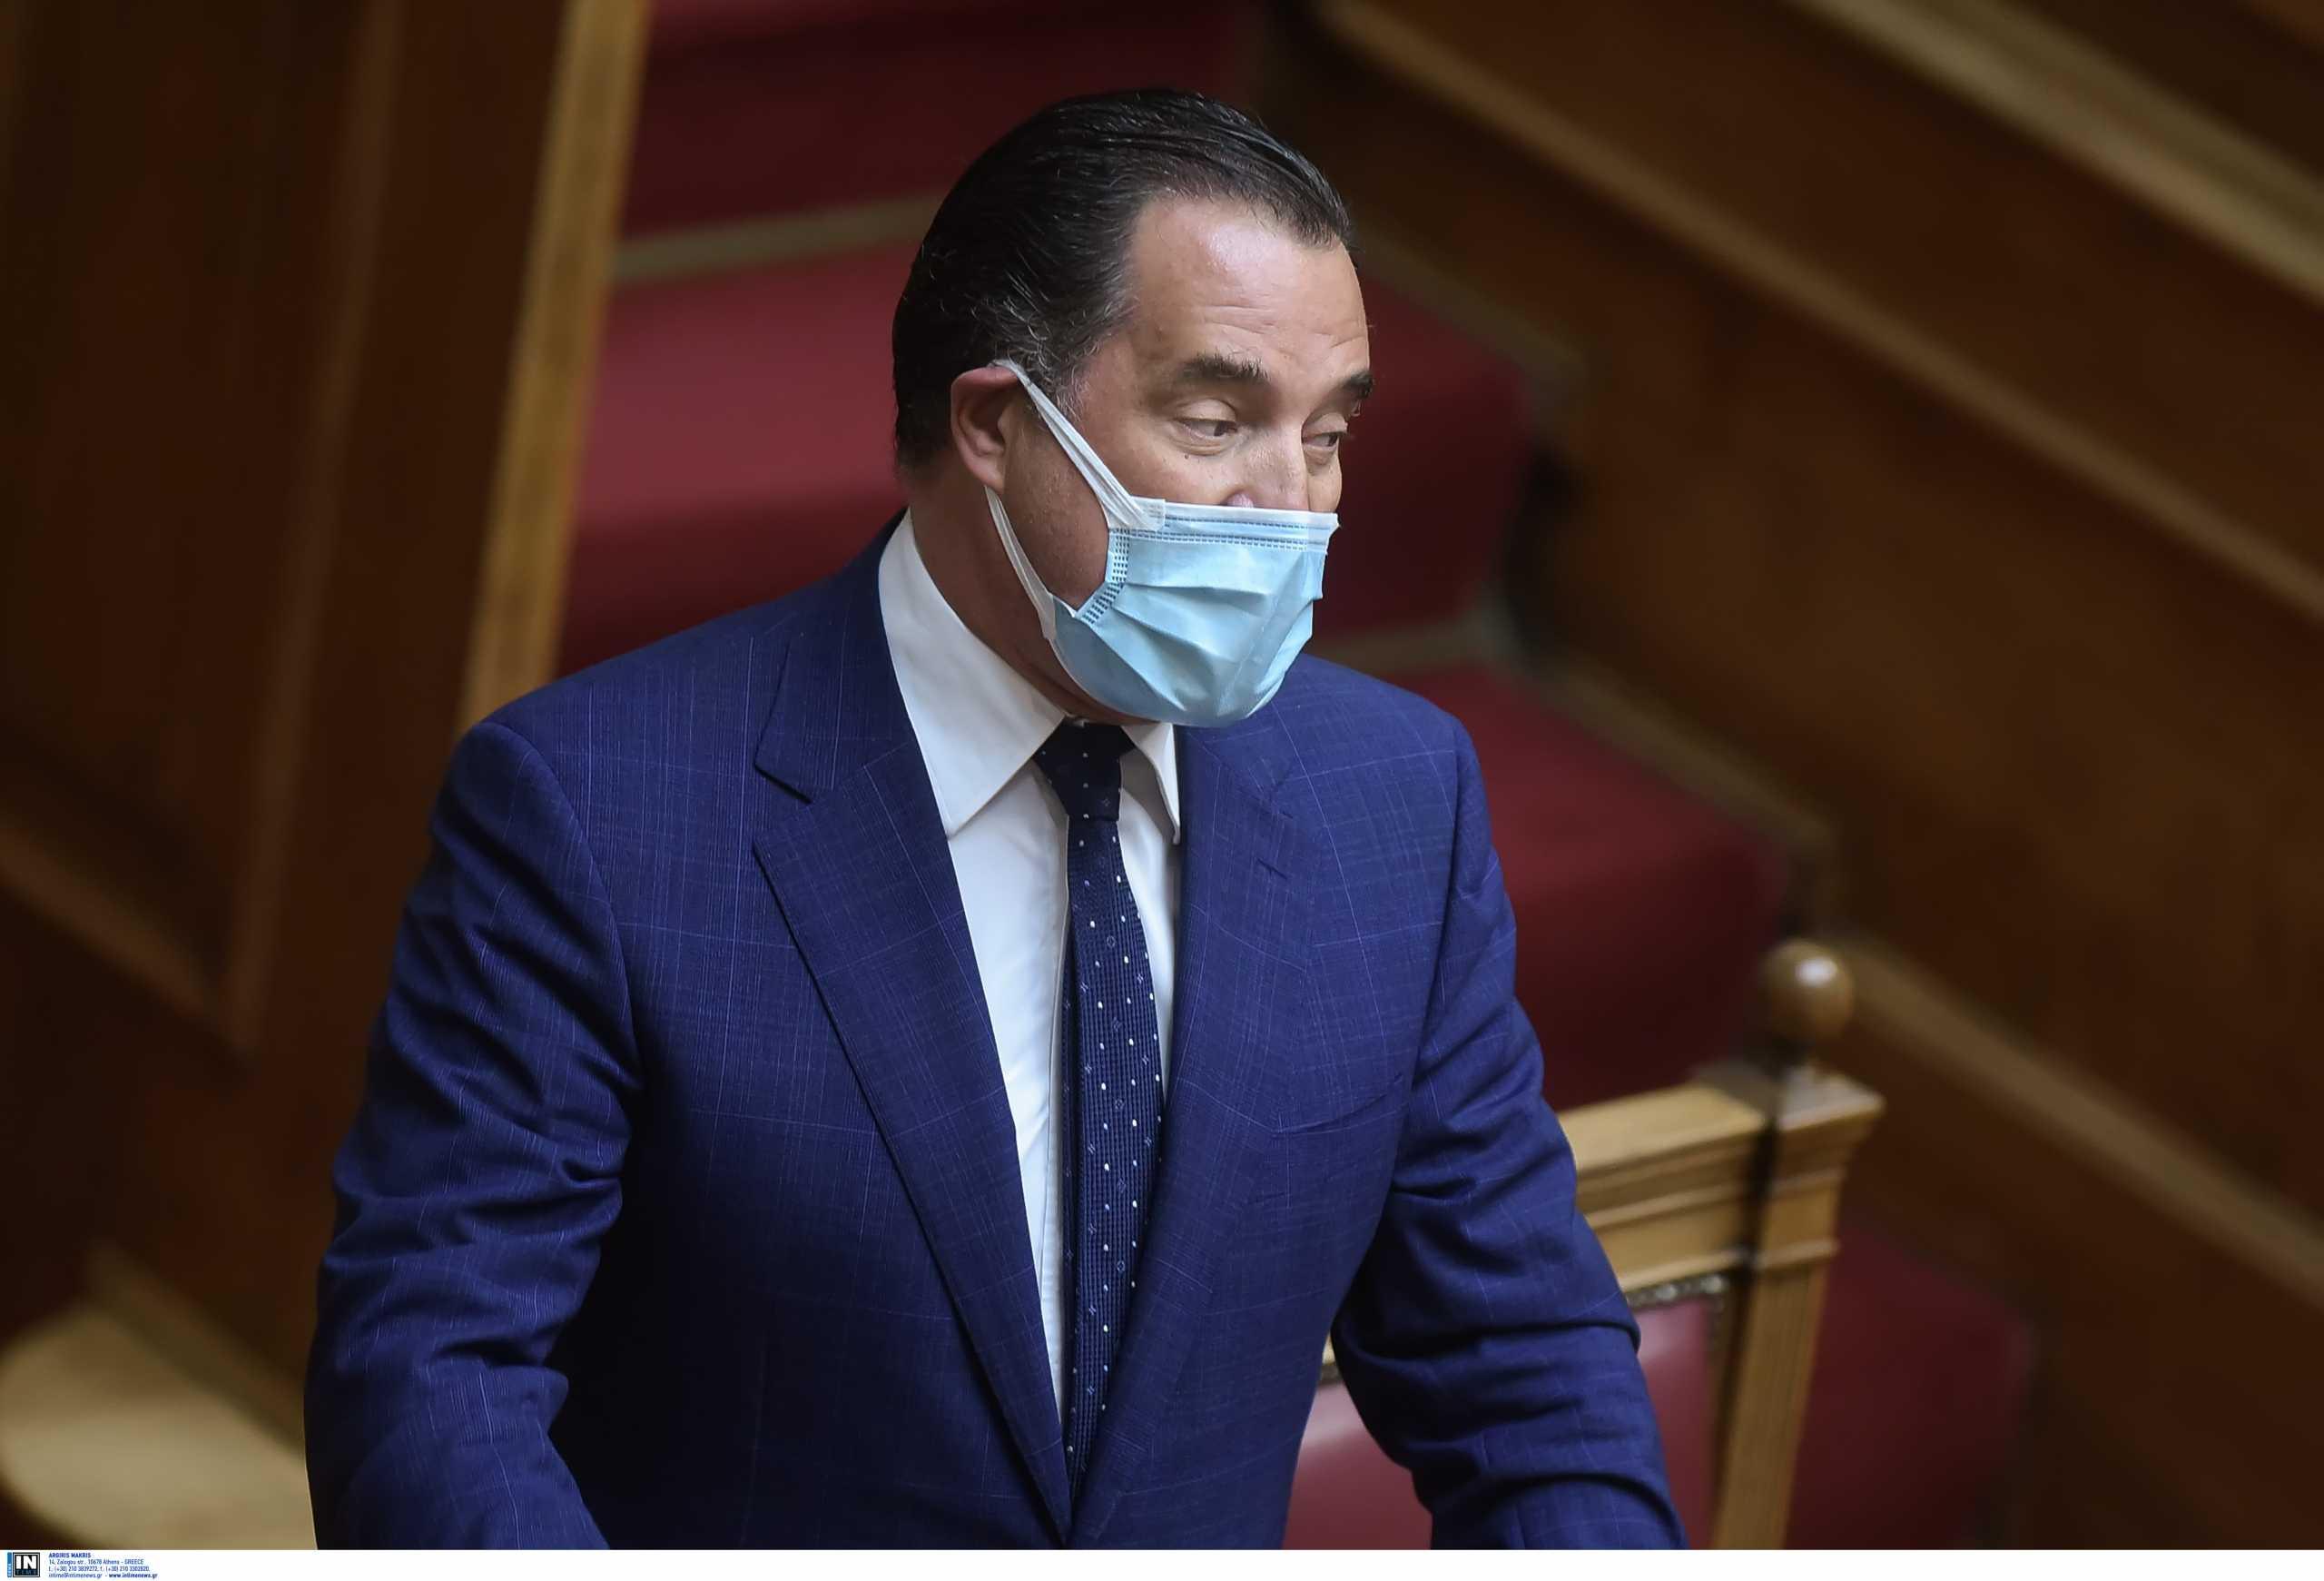 Πρώτη η Ελλάδα στην απορρόφηση πόρων του Ευρωπαϊκού Ταμείου Περιφερειακής Ανάπτυξης – Γεωργιάδης: Είμαι υπερήφανος